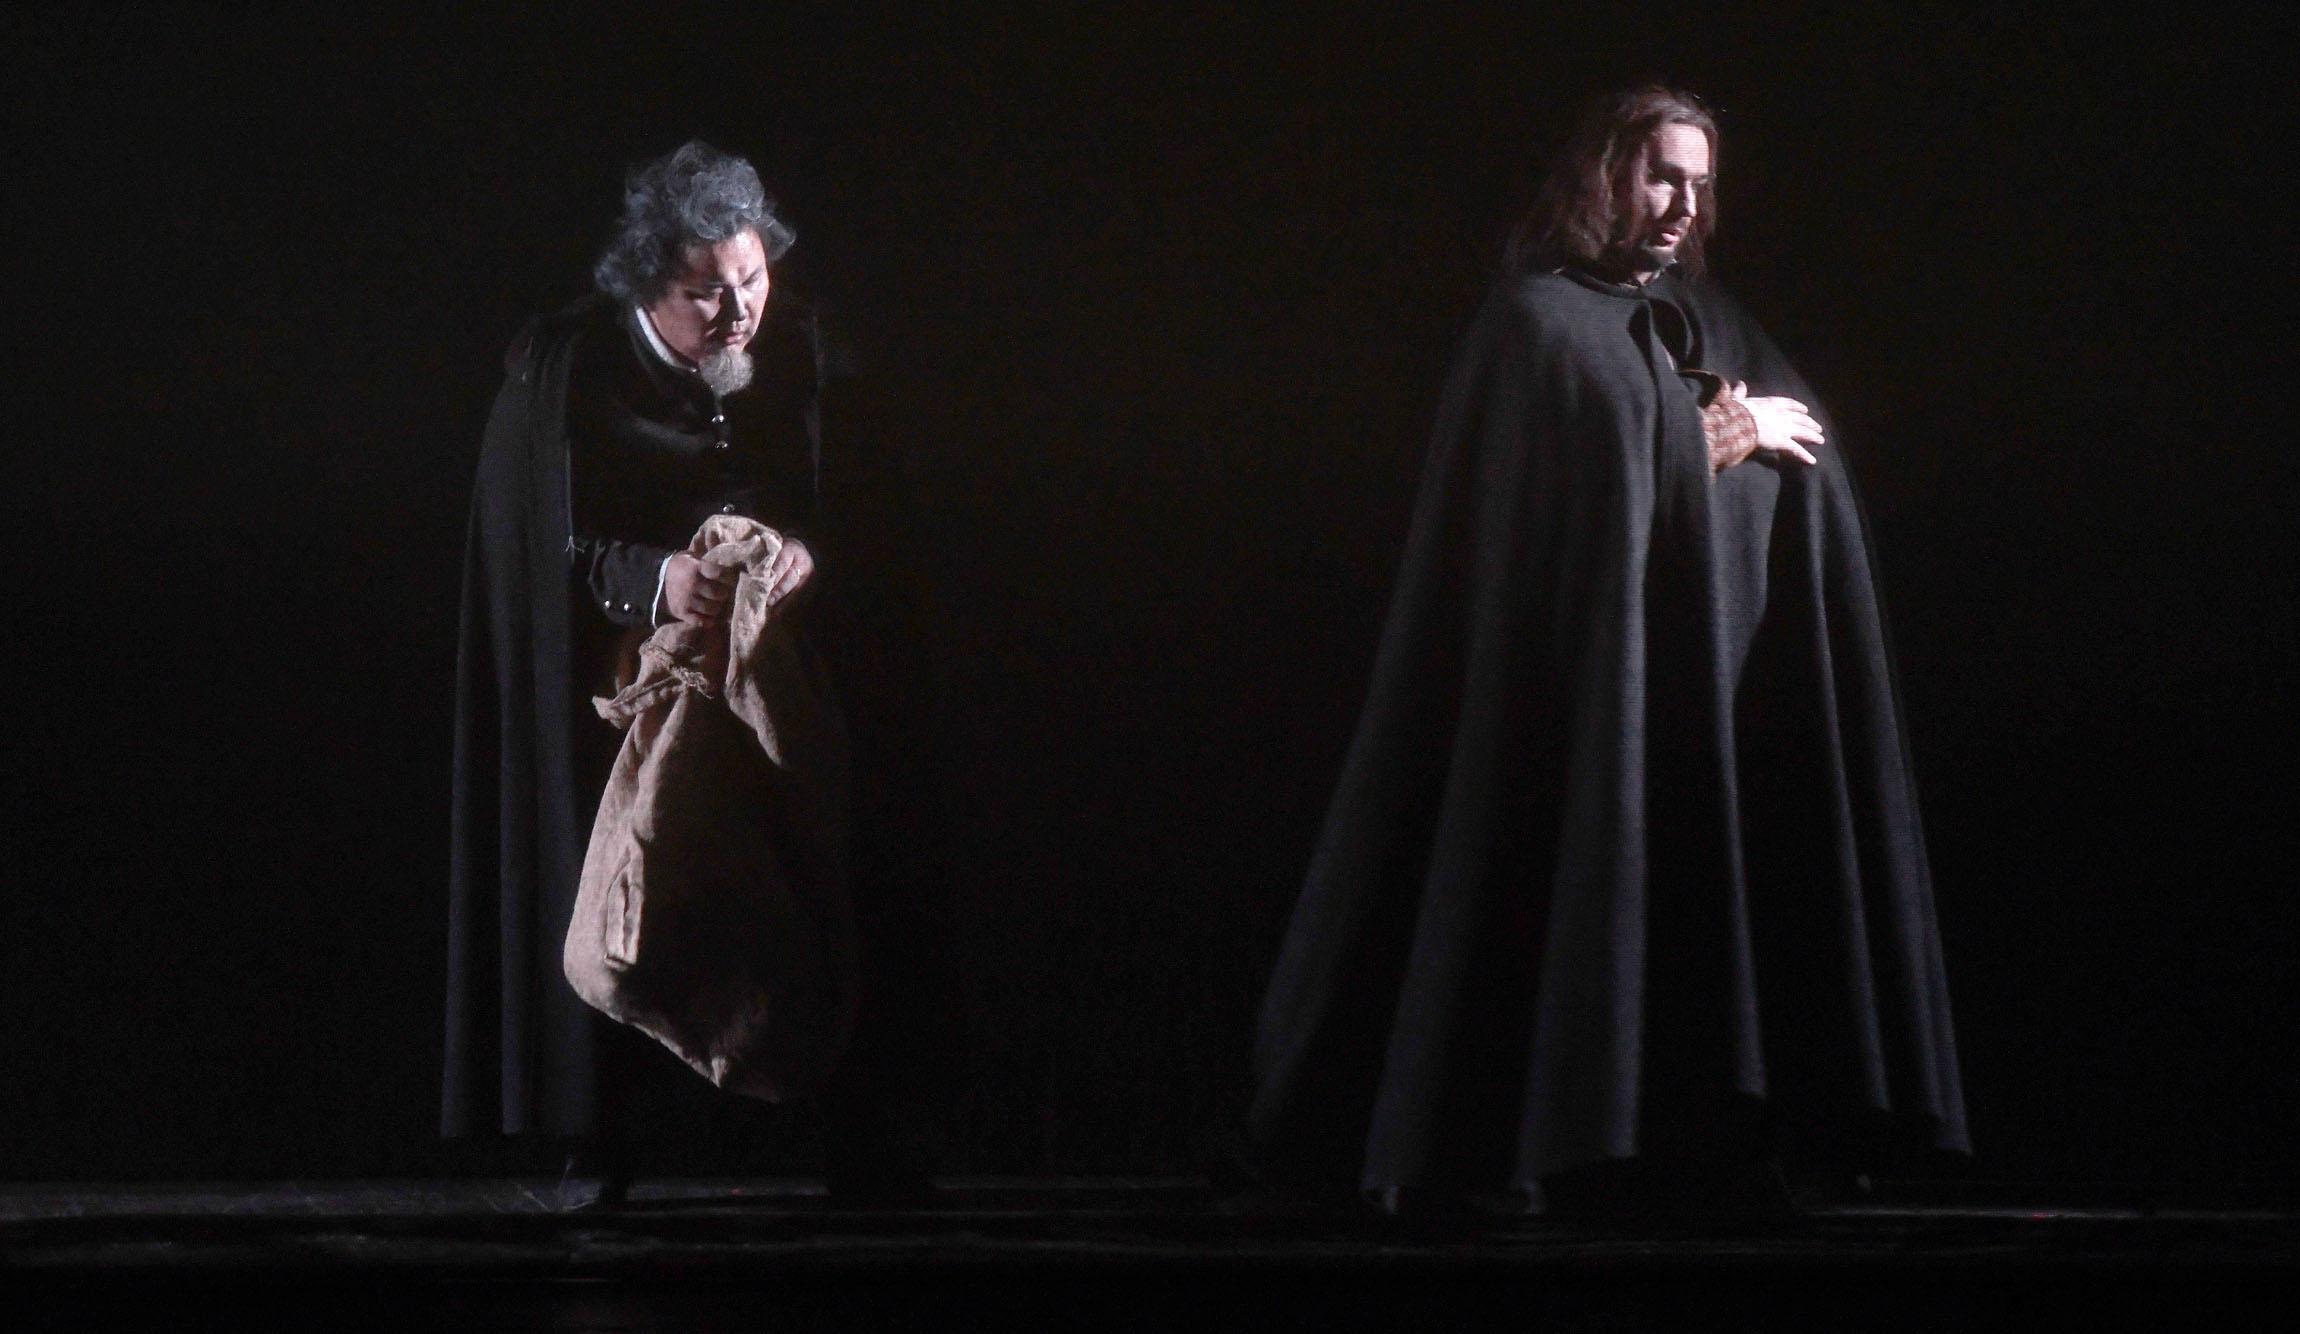 Amartuvshin Enkhbat, George Andguladze - Foto Roberto Ricci